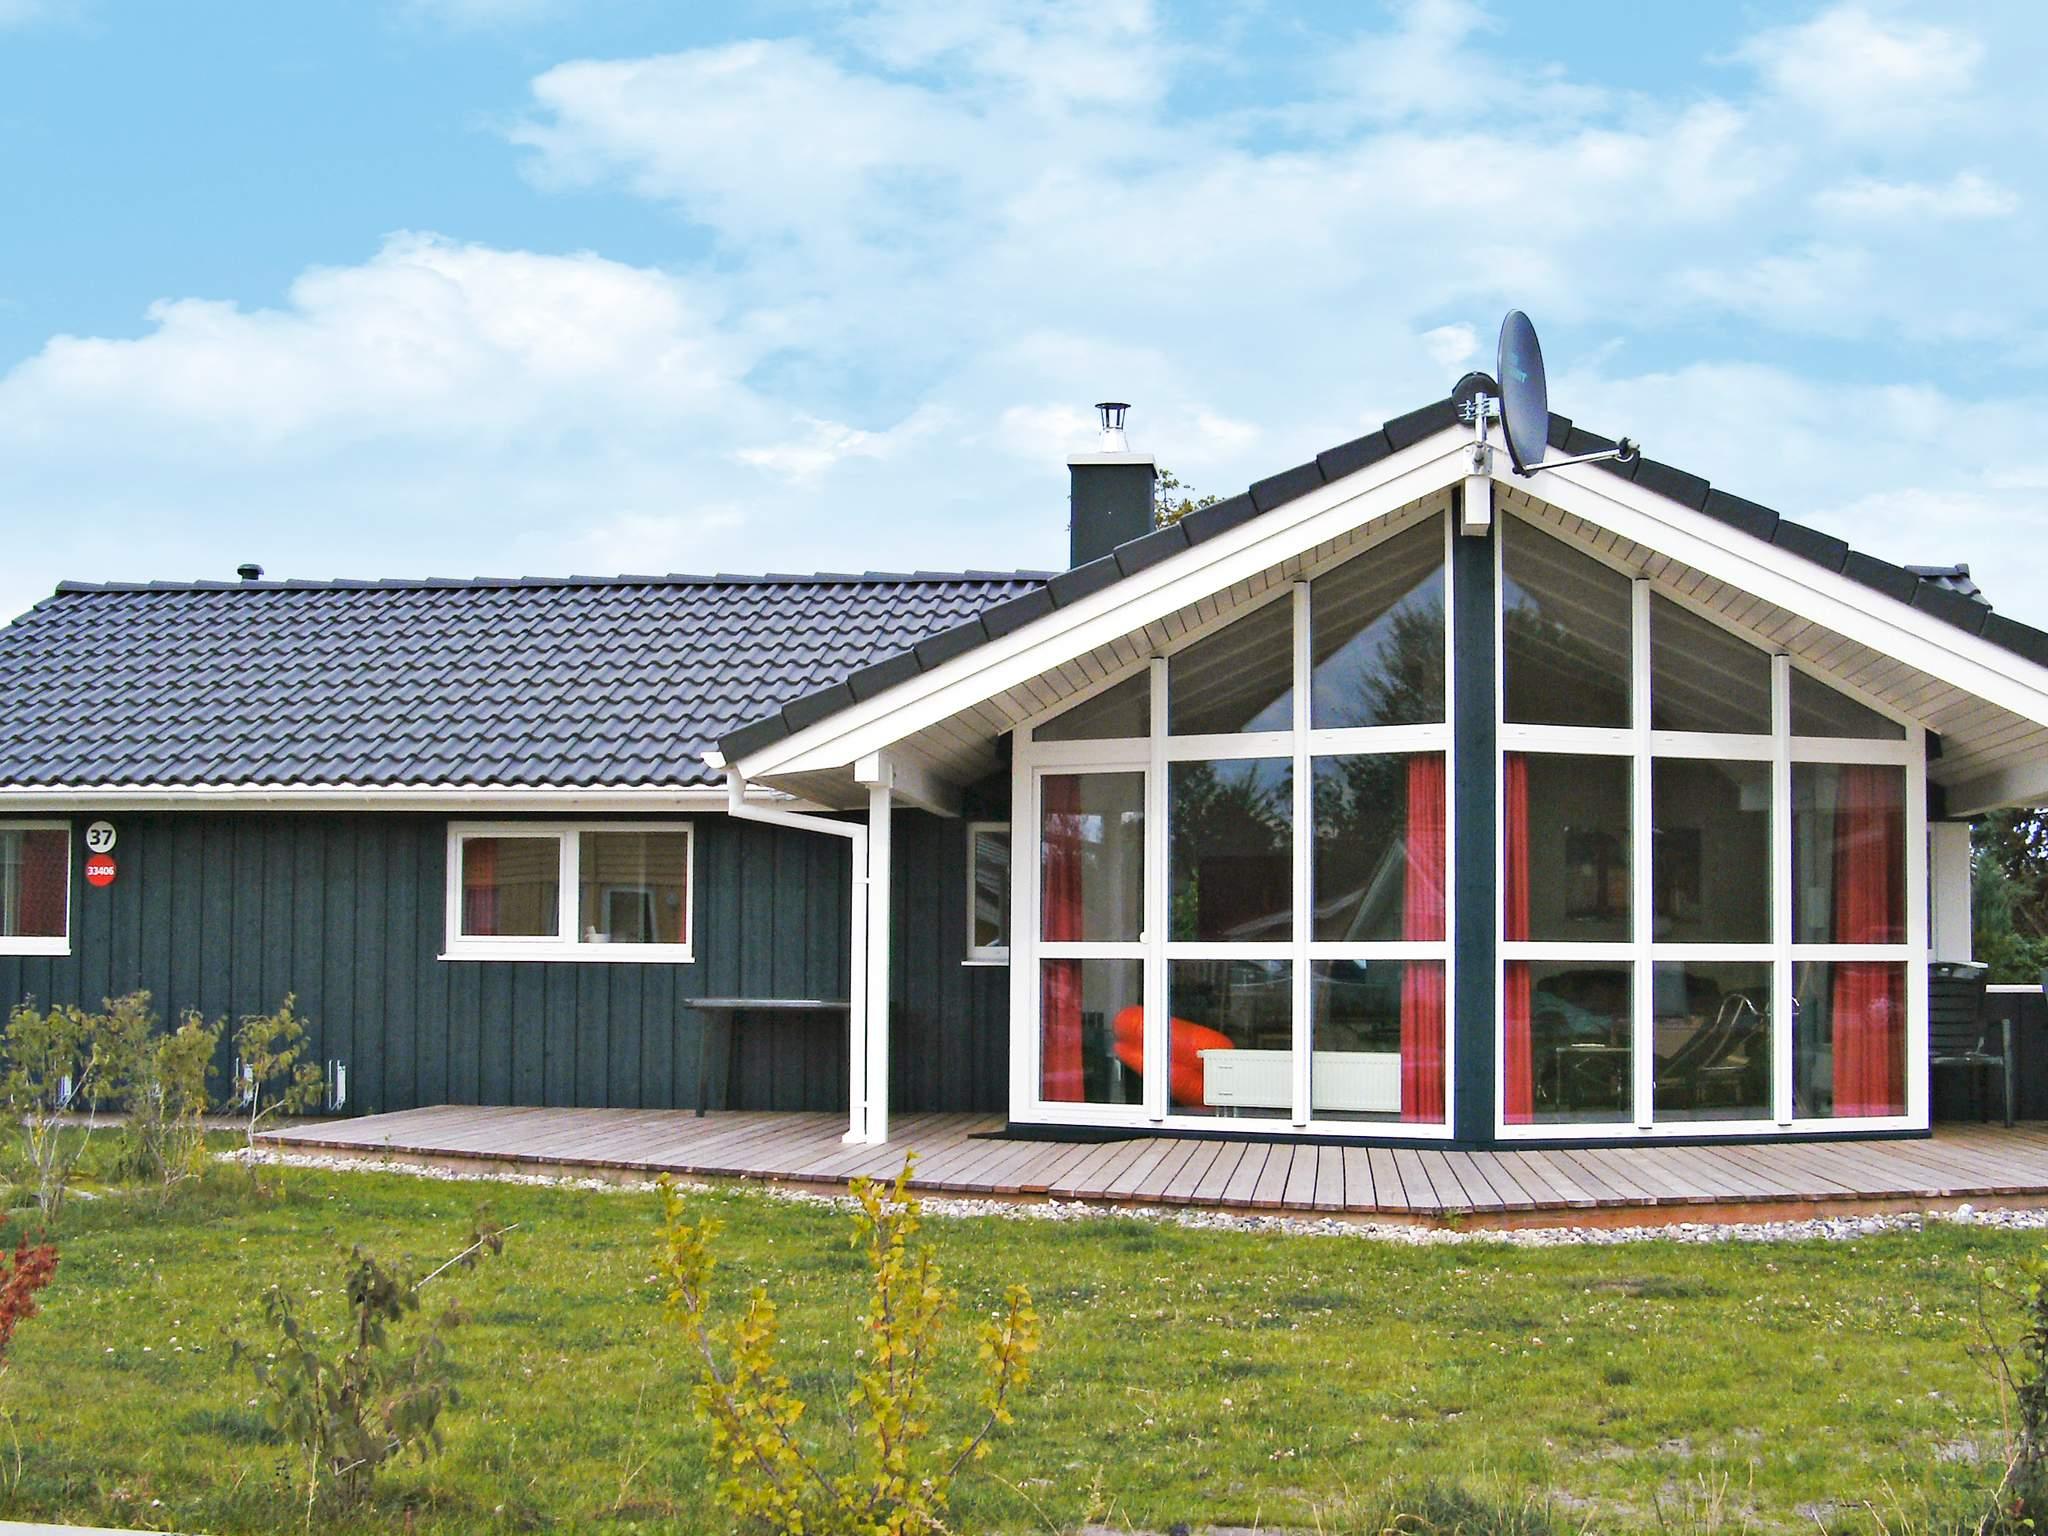 Maison de vacances Grömitz (259537), Grömitz, Baie de Lübeck, Schleswig-Holstein, Allemagne, image 15